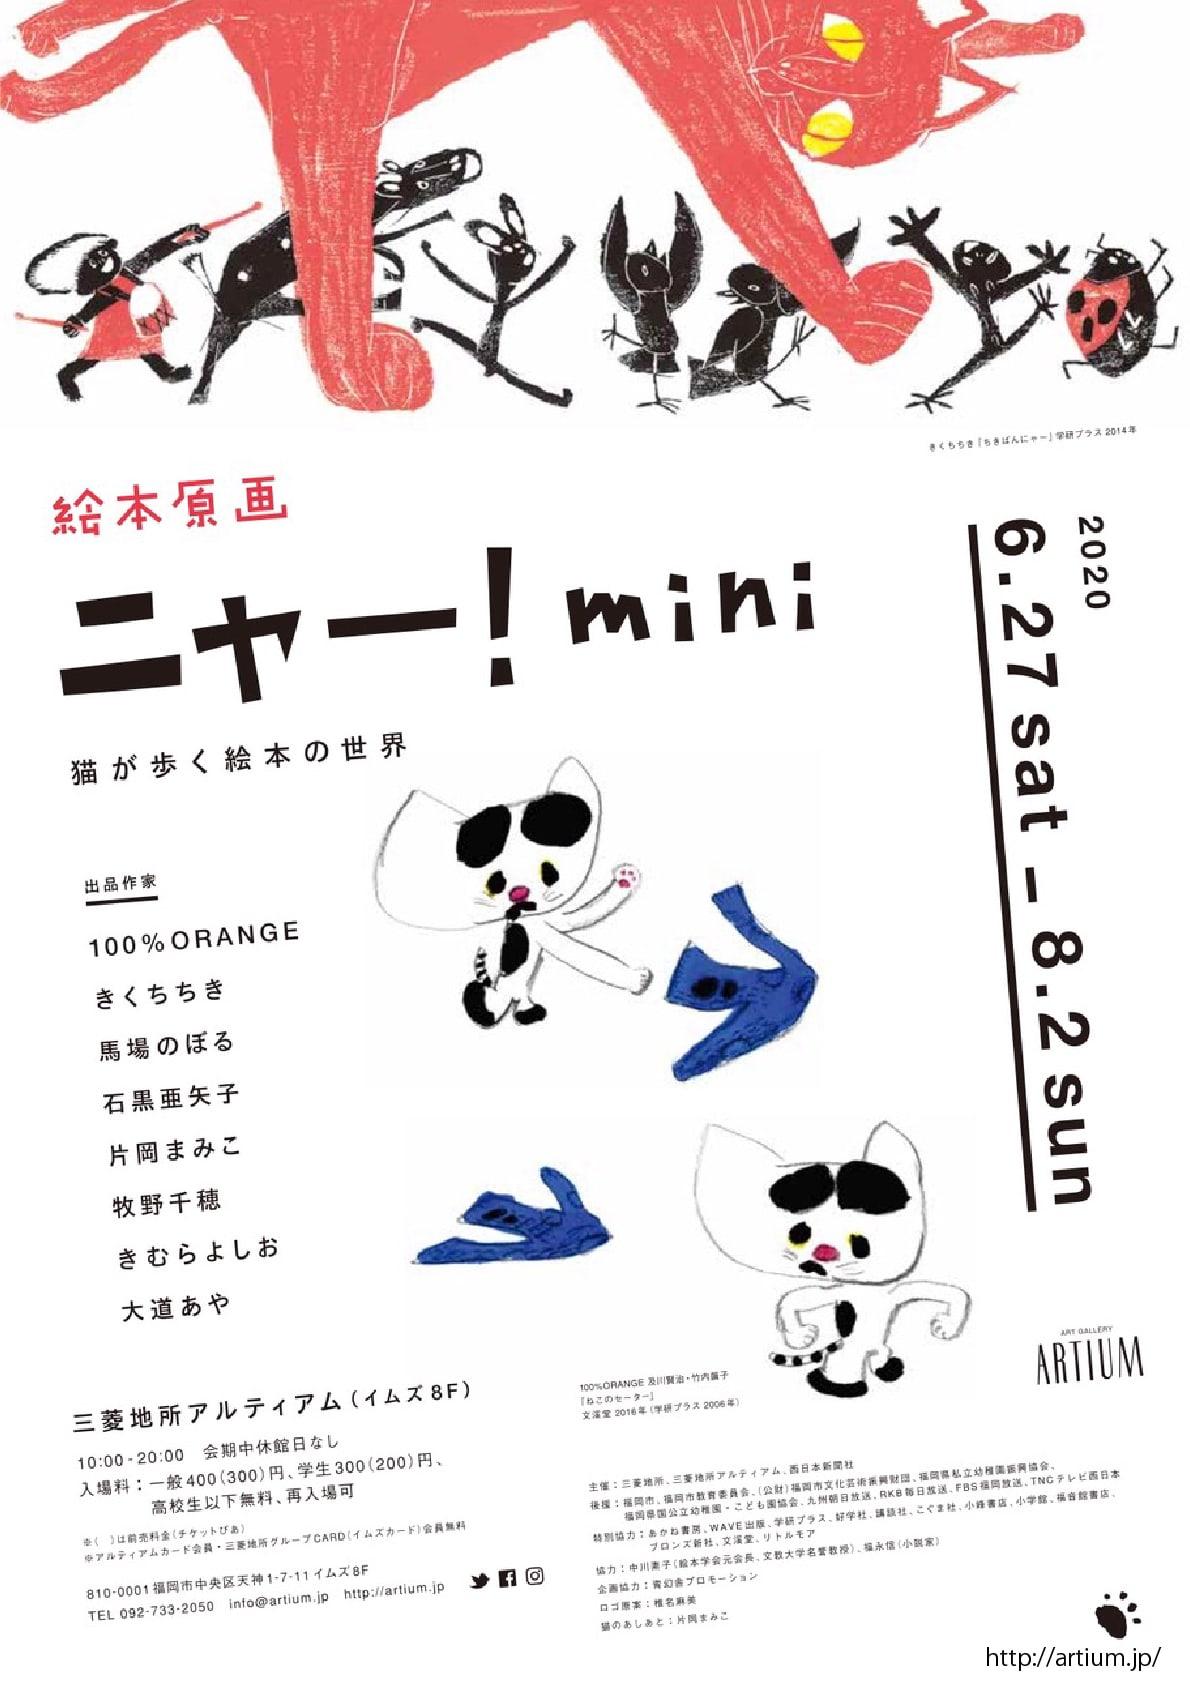 絵本原画ニャー!mini 猫が歩く絵本の世界チラシ1